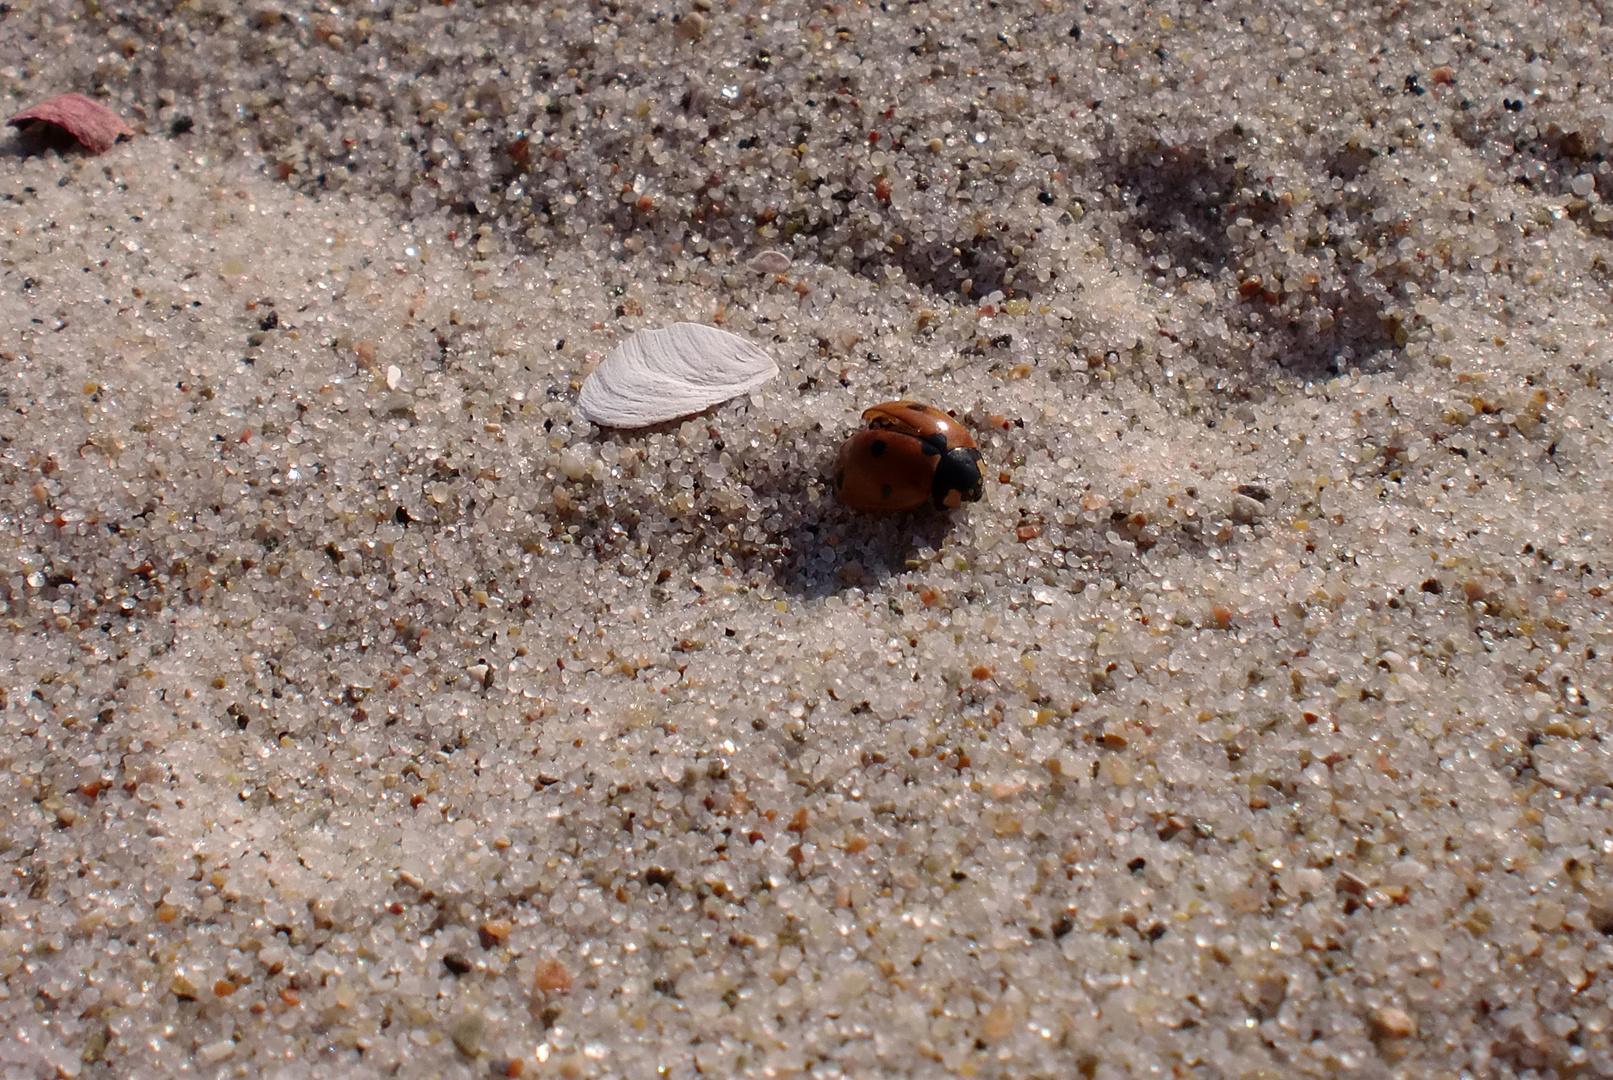 Das letze Mutschekääpchen am Strand (Ostsee)